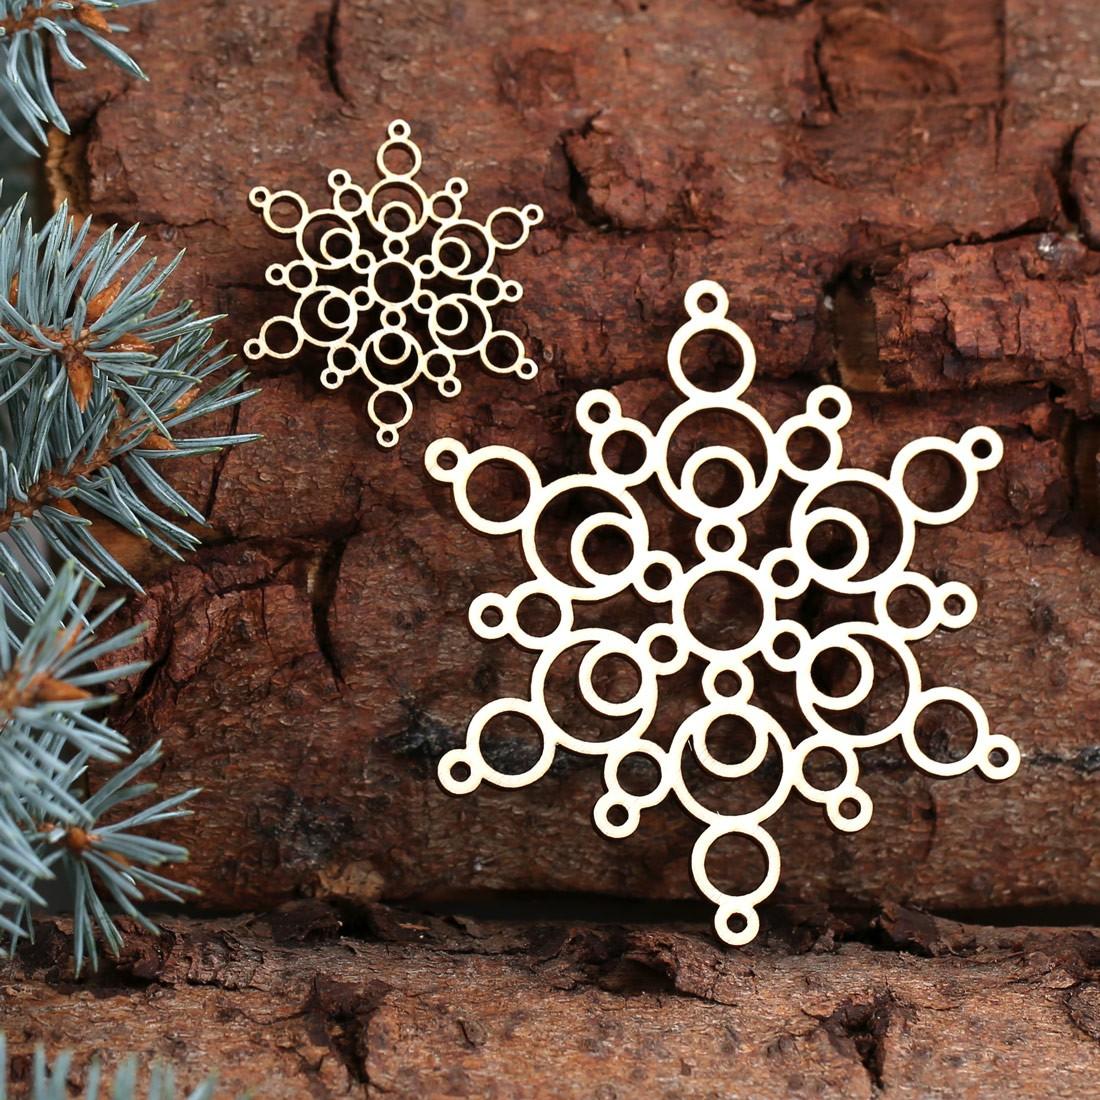 baumschmuck 2er sets weihnachtssterne sterne baumbehang deko aus holz f r weihnachten. Black Bedroom Furniture Sets. Home Design Ideas